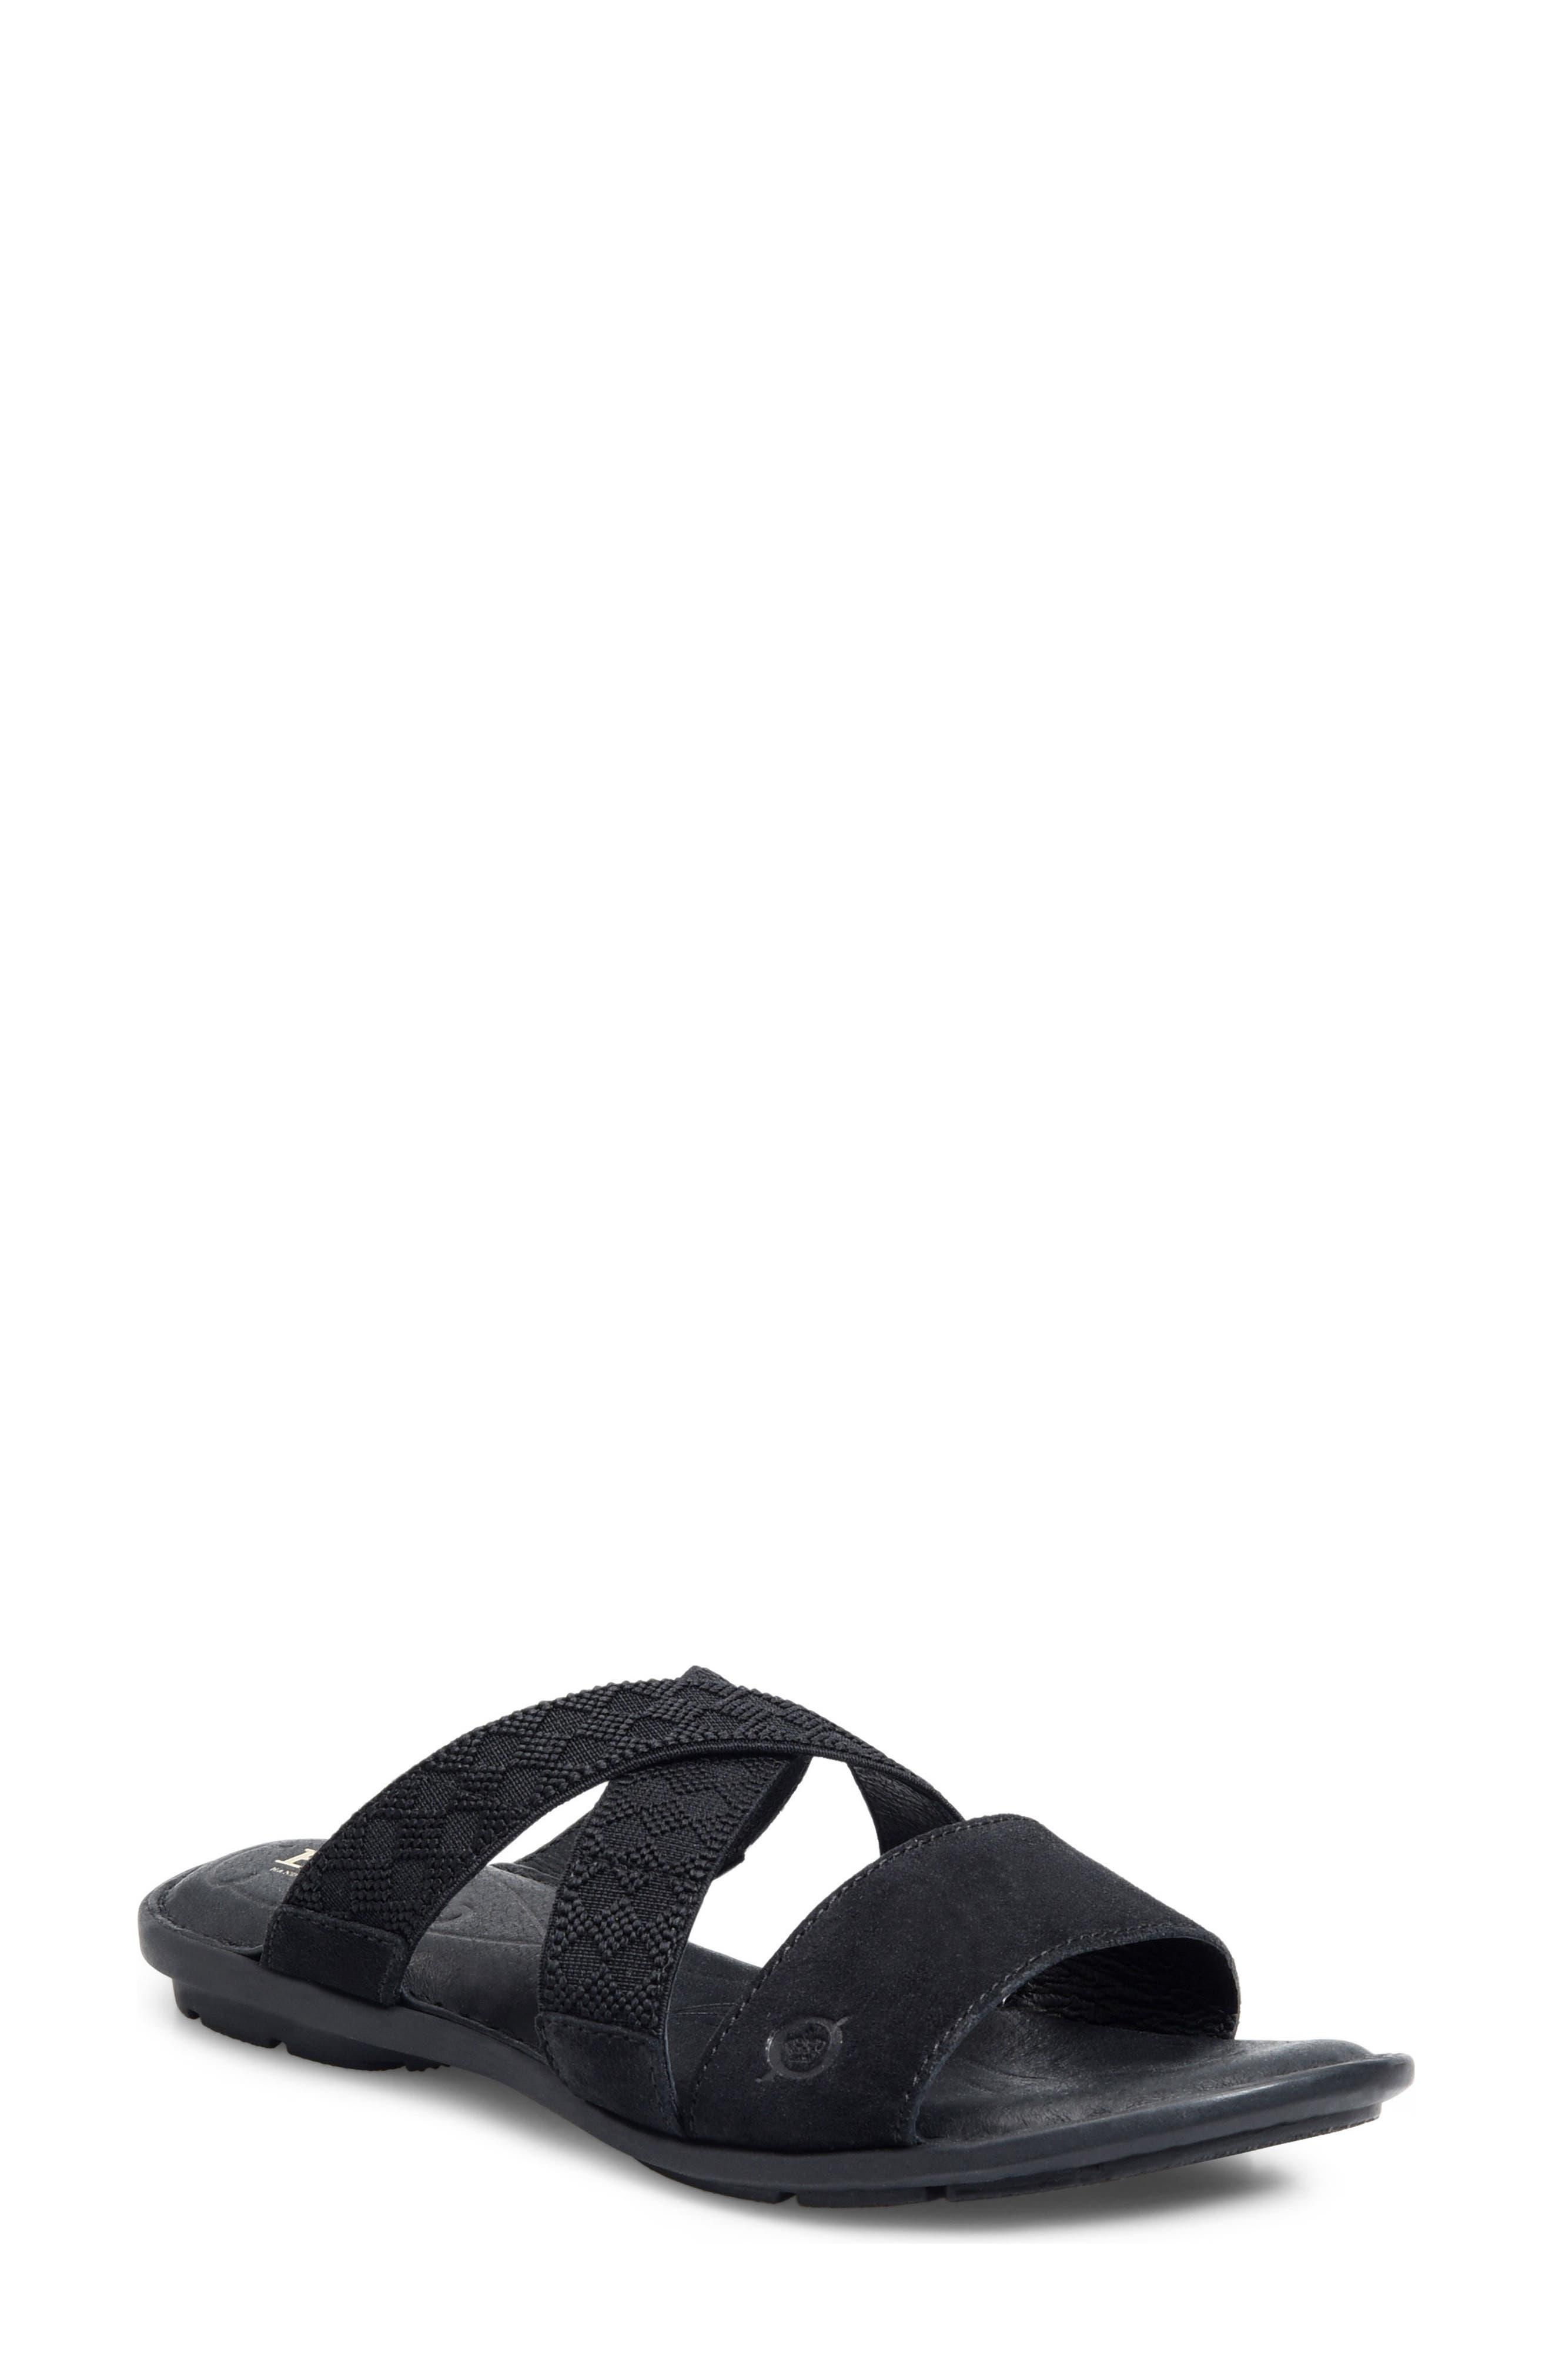 Tidore Slide Sandal,                             Main thumbnail 1, color,